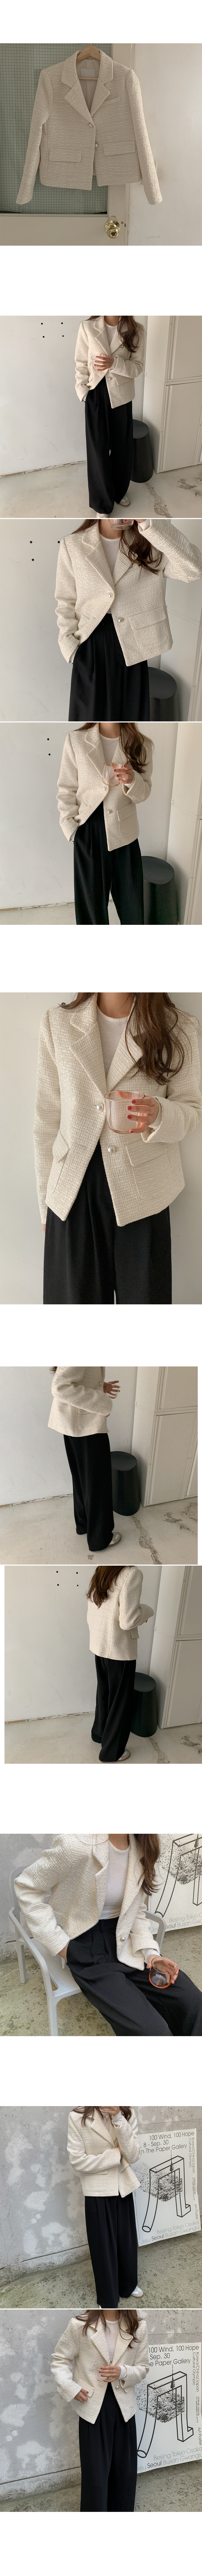 Genoa tweed jacket